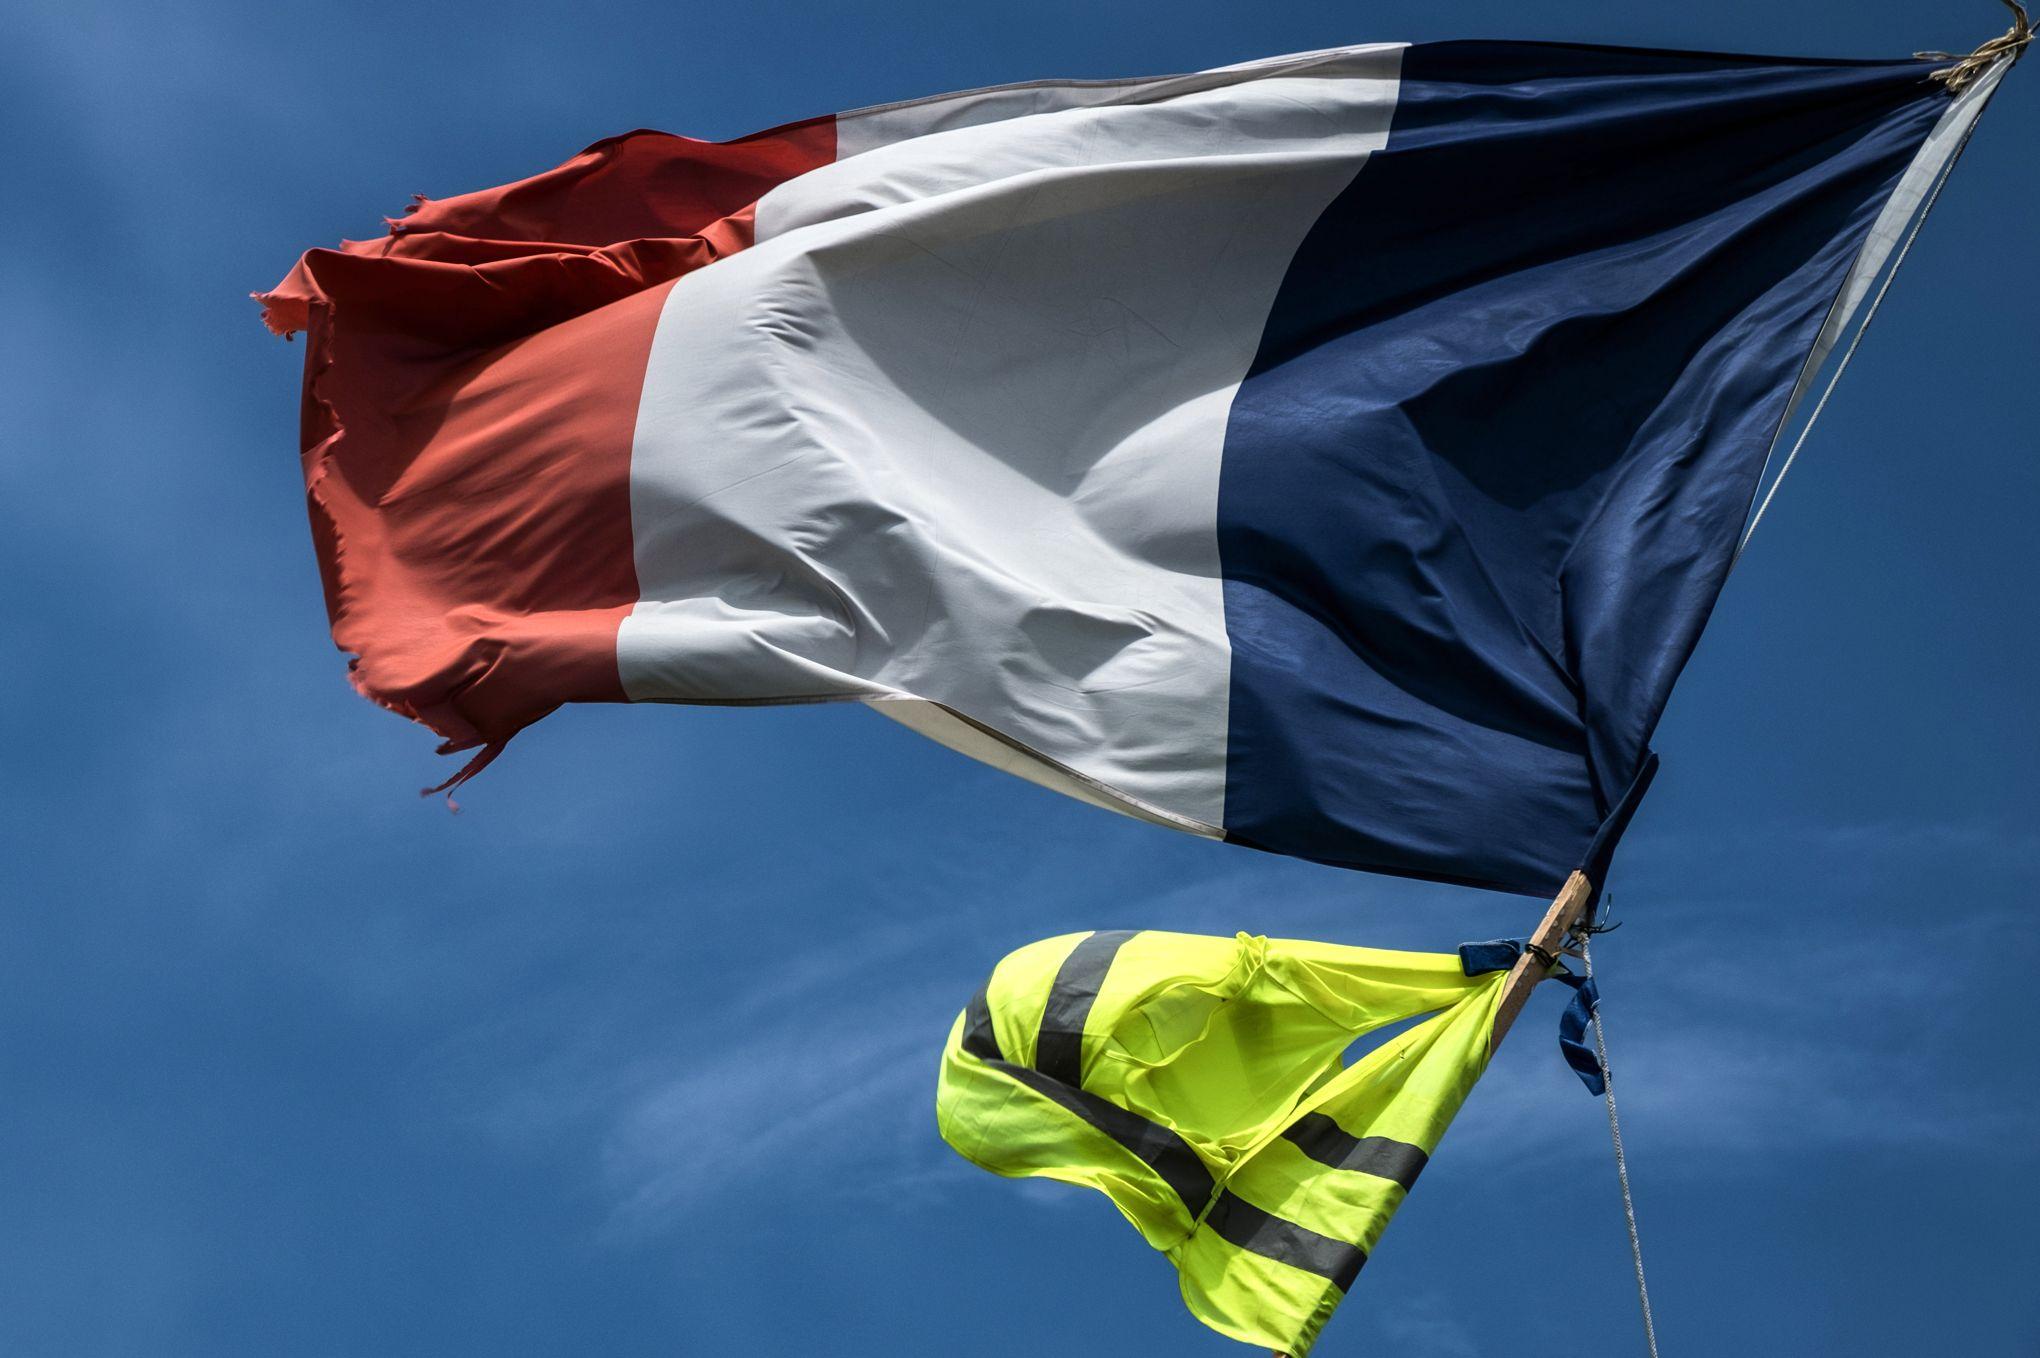 Impôts: qui sont les Français qui souffrent le plus d'un sentiment d'injustice fiscale?